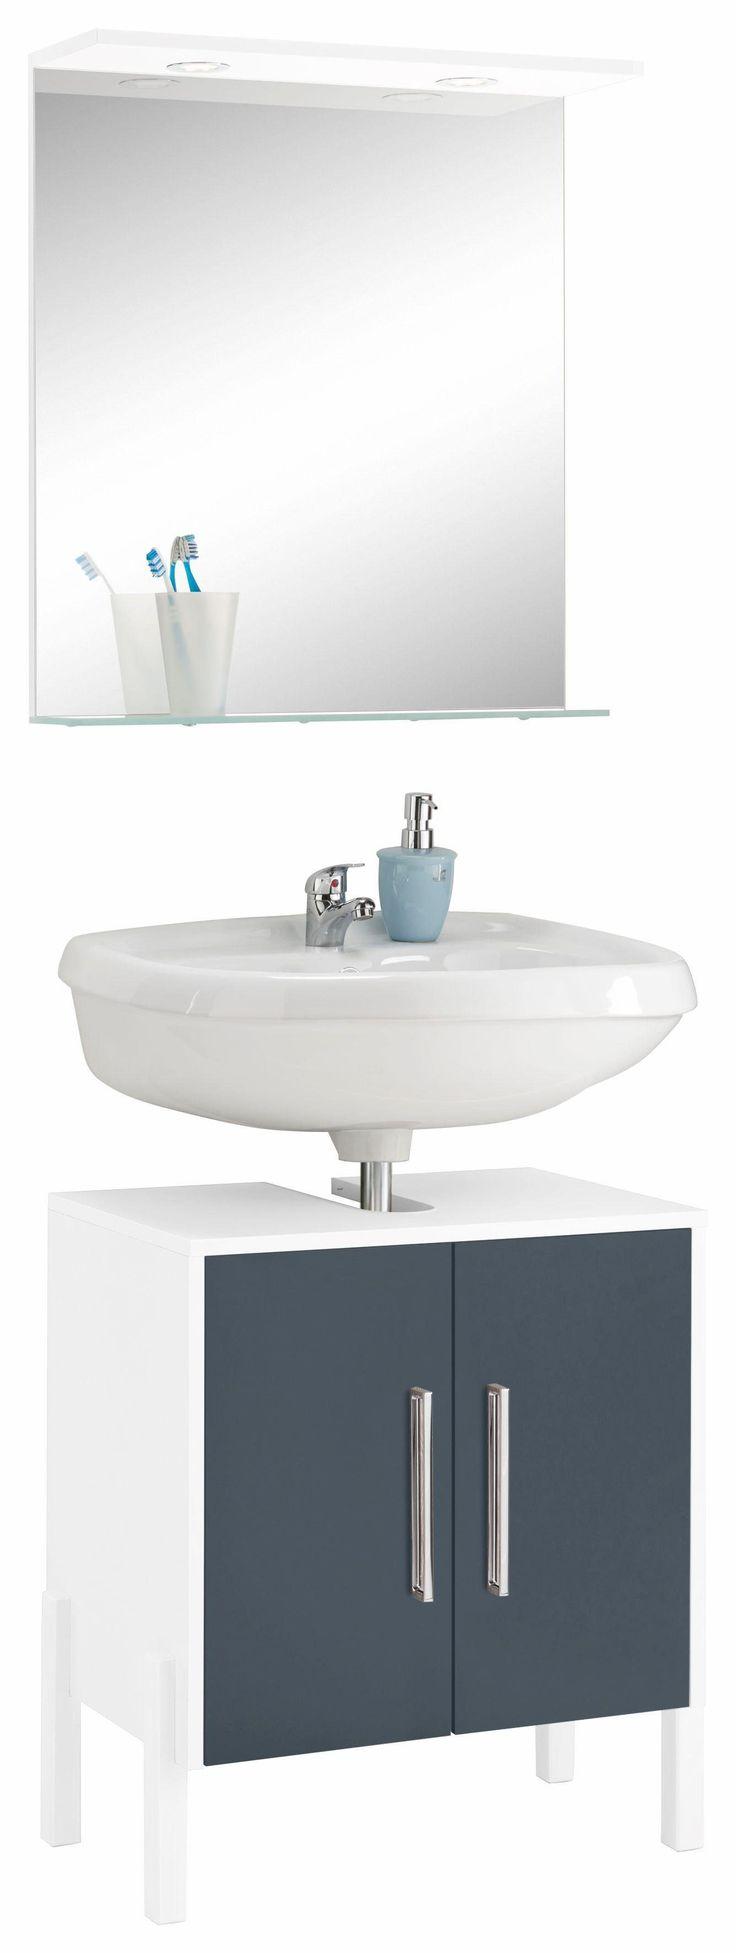 ehrfurchtiges grau badezimmer set große abbild und afadadafbea